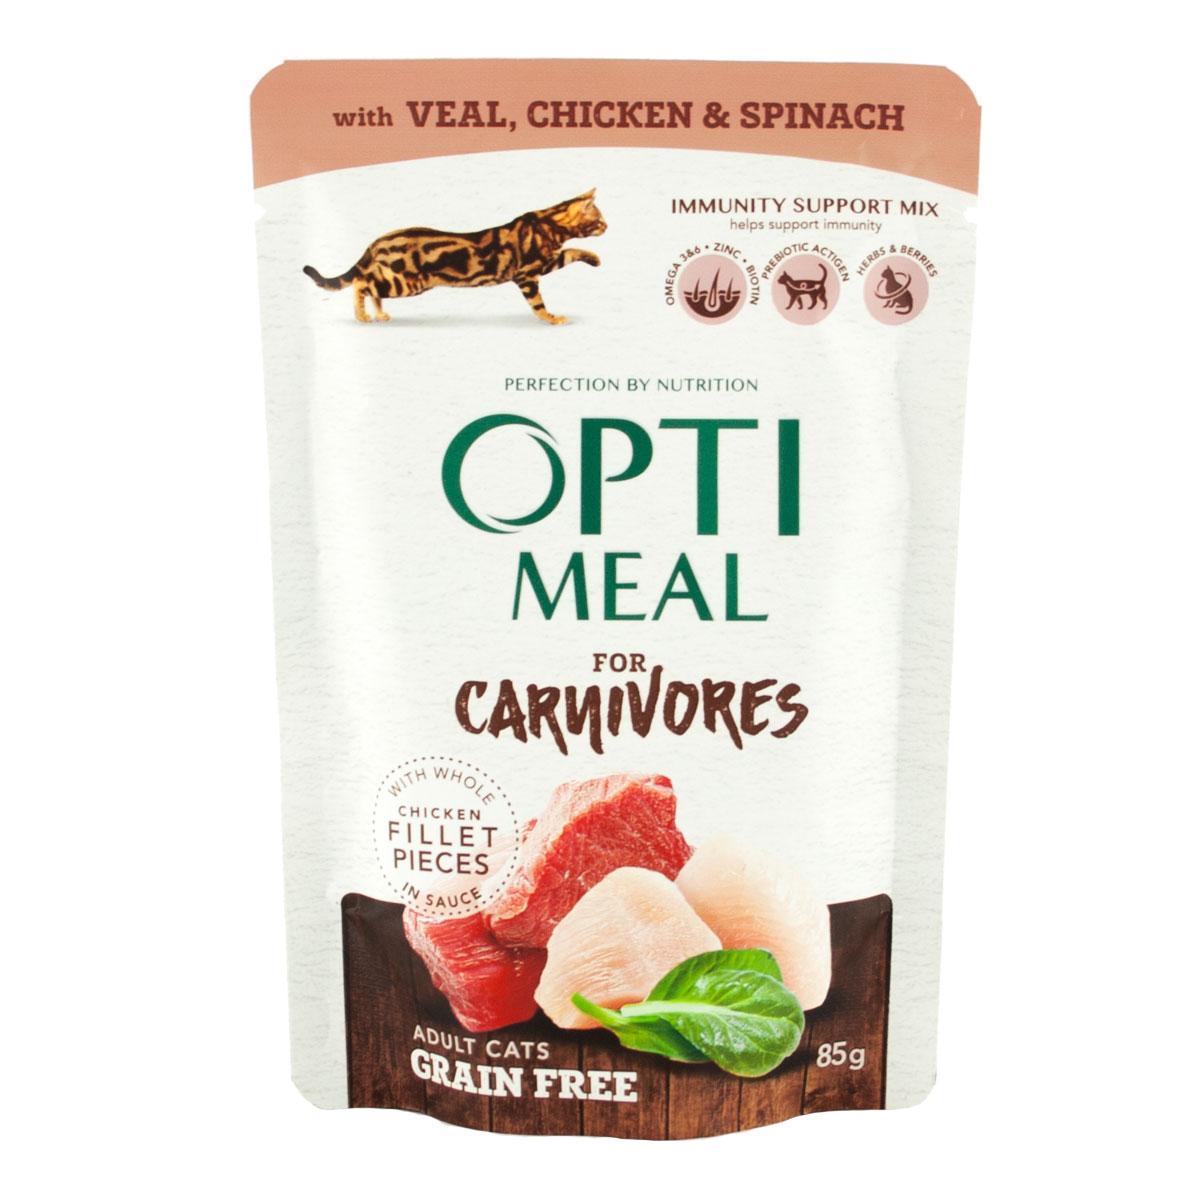 Вологий беззерновой корм для кішок Optimeal з телятиною, куркою та шпинатом 85 г